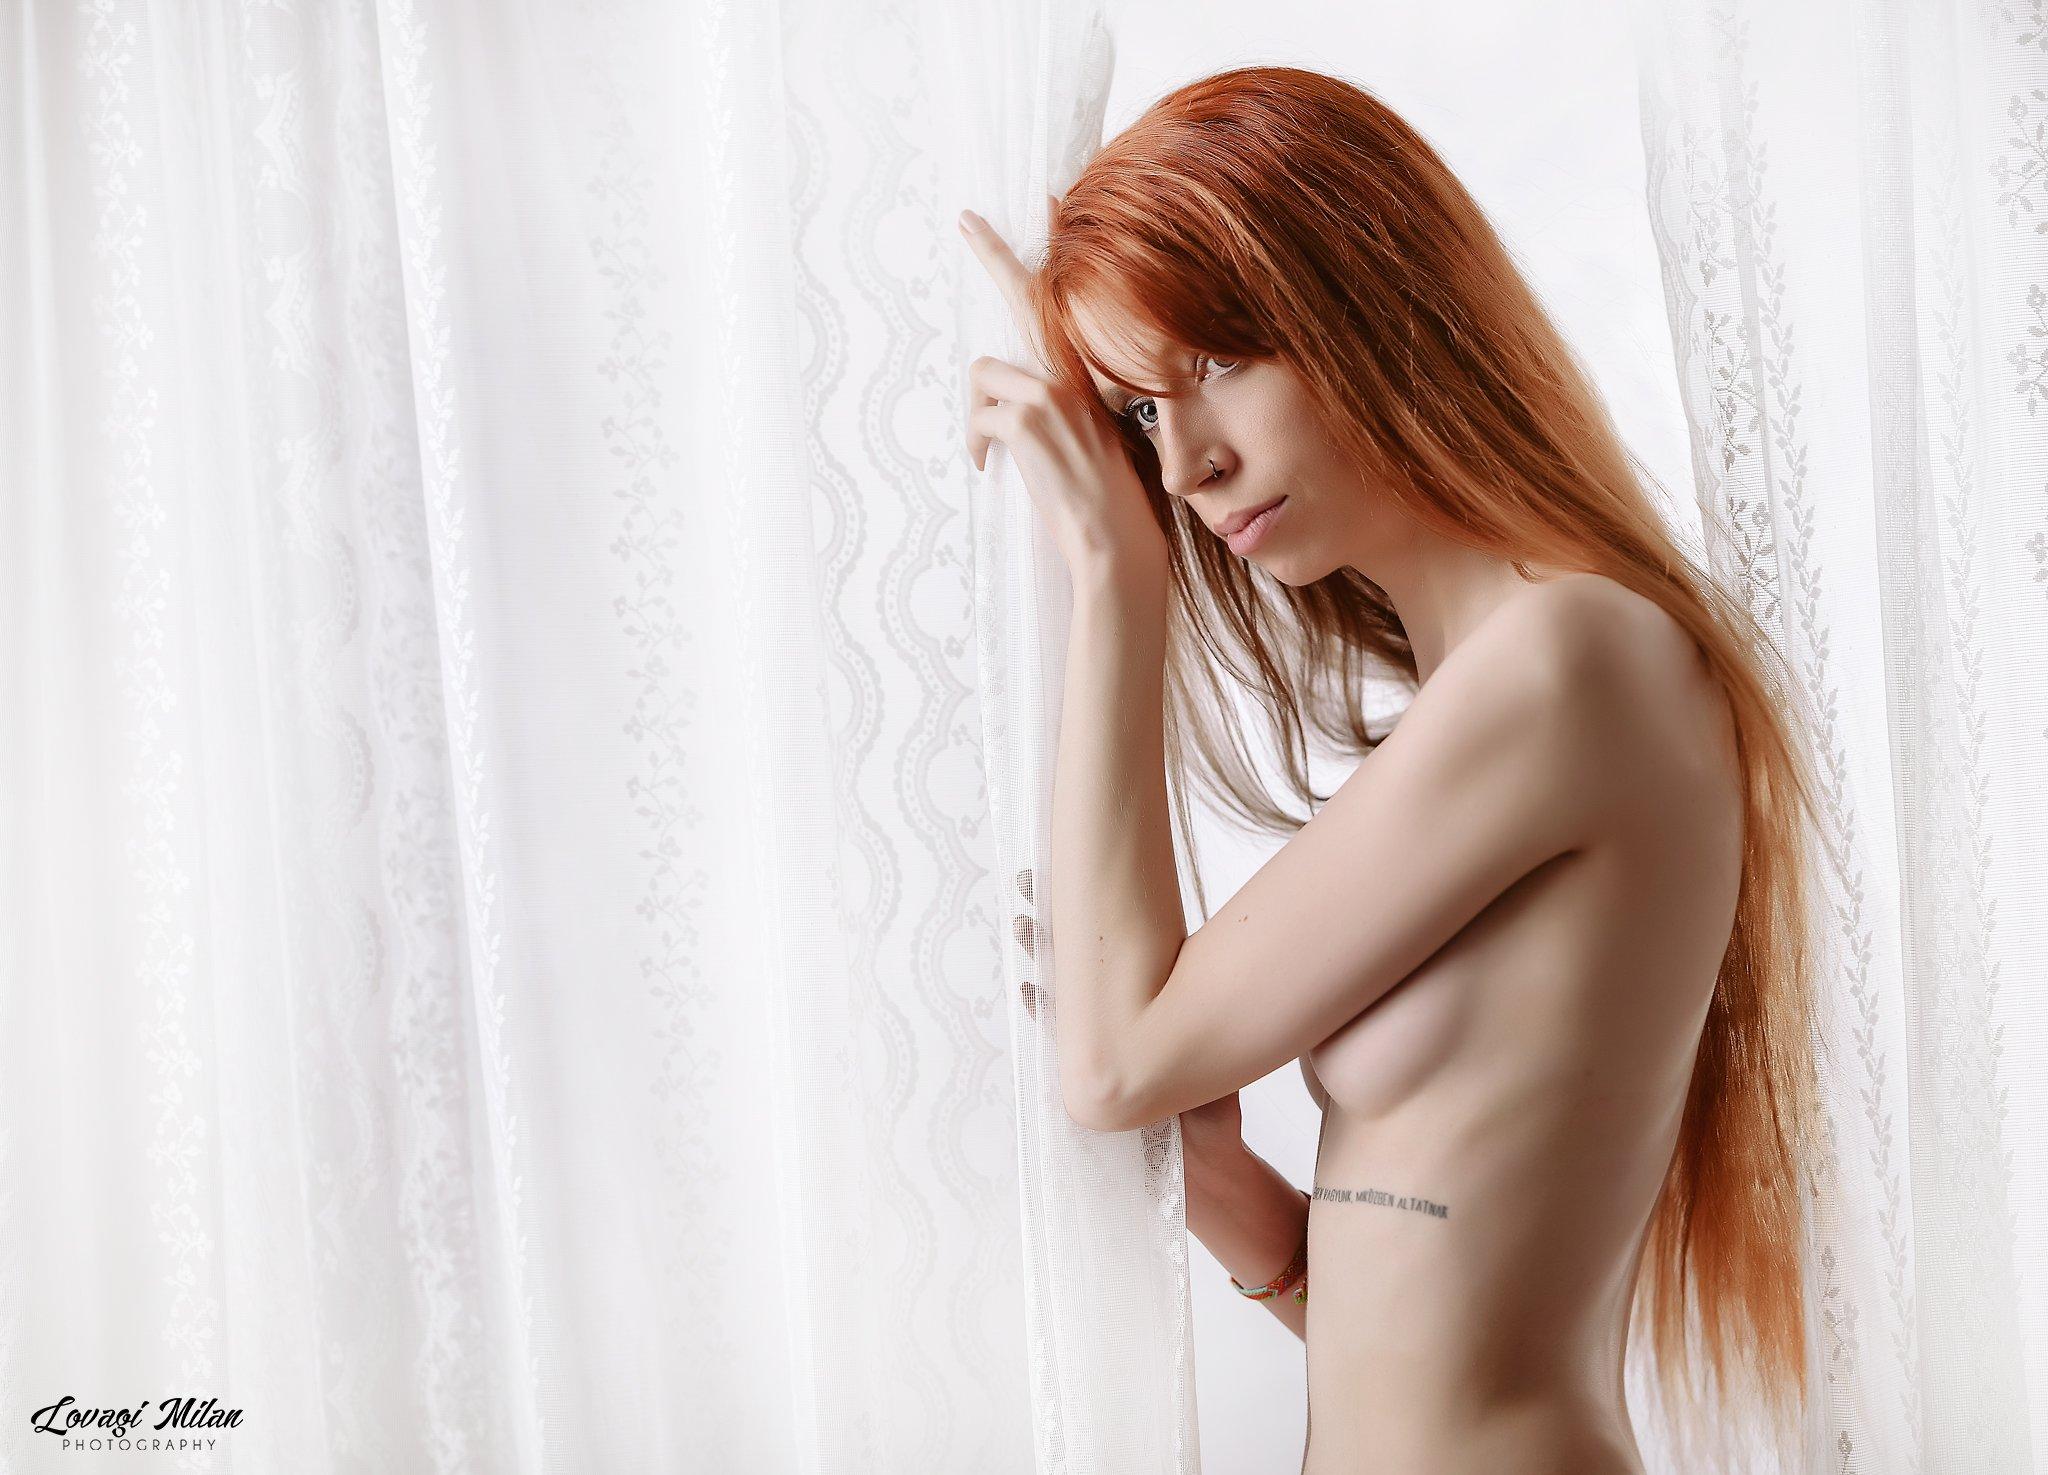 nude,girl,glamour,beauty, Lovagi Milán